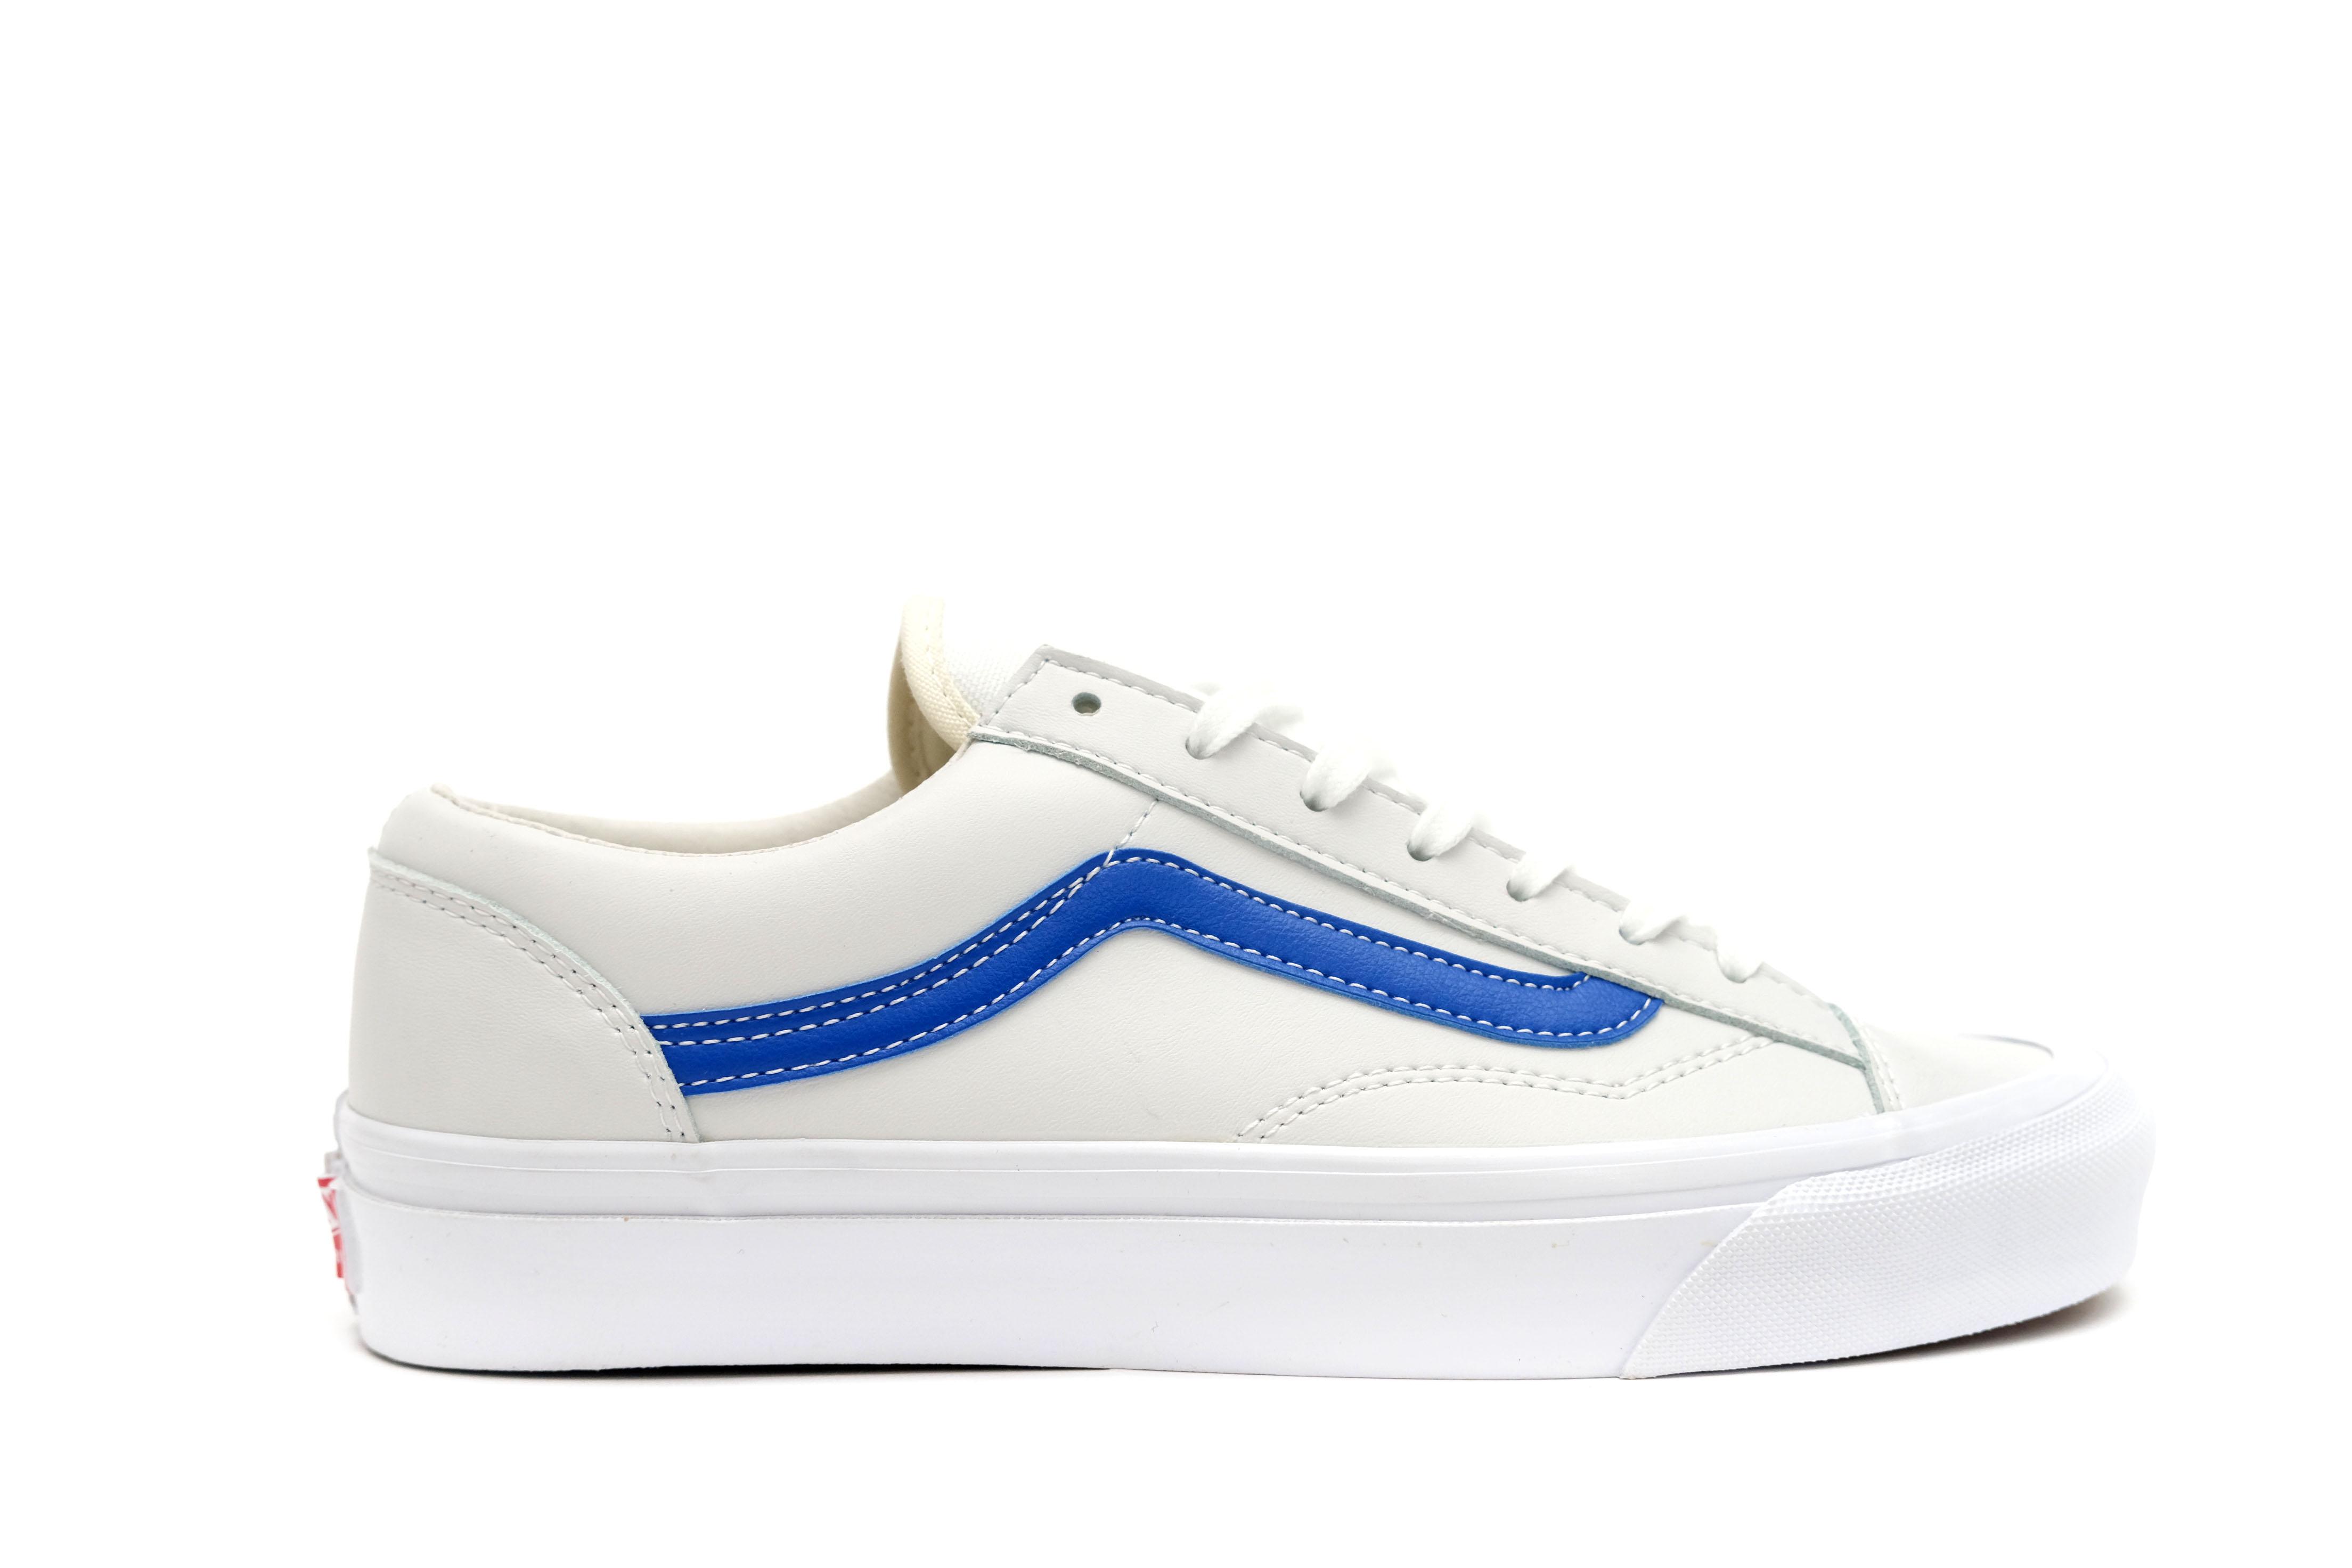 Vans Vault Style 36 - Blue